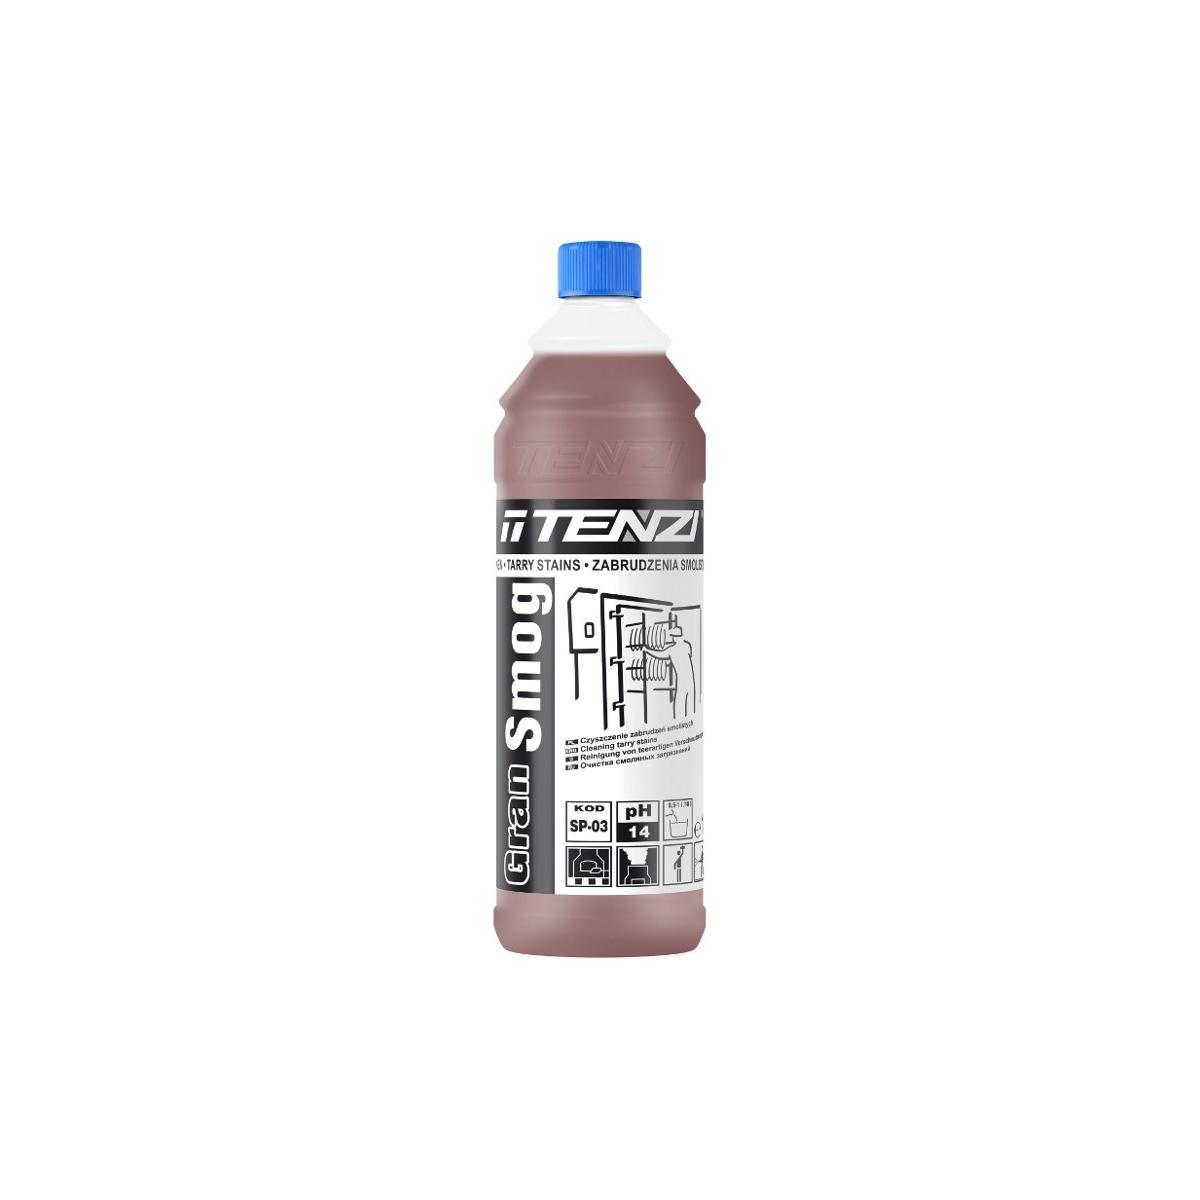 PŁYN DO GRILLA GRAN SMOG 1L Preparat do czyszczenia grilli TENZI - SP-03/001